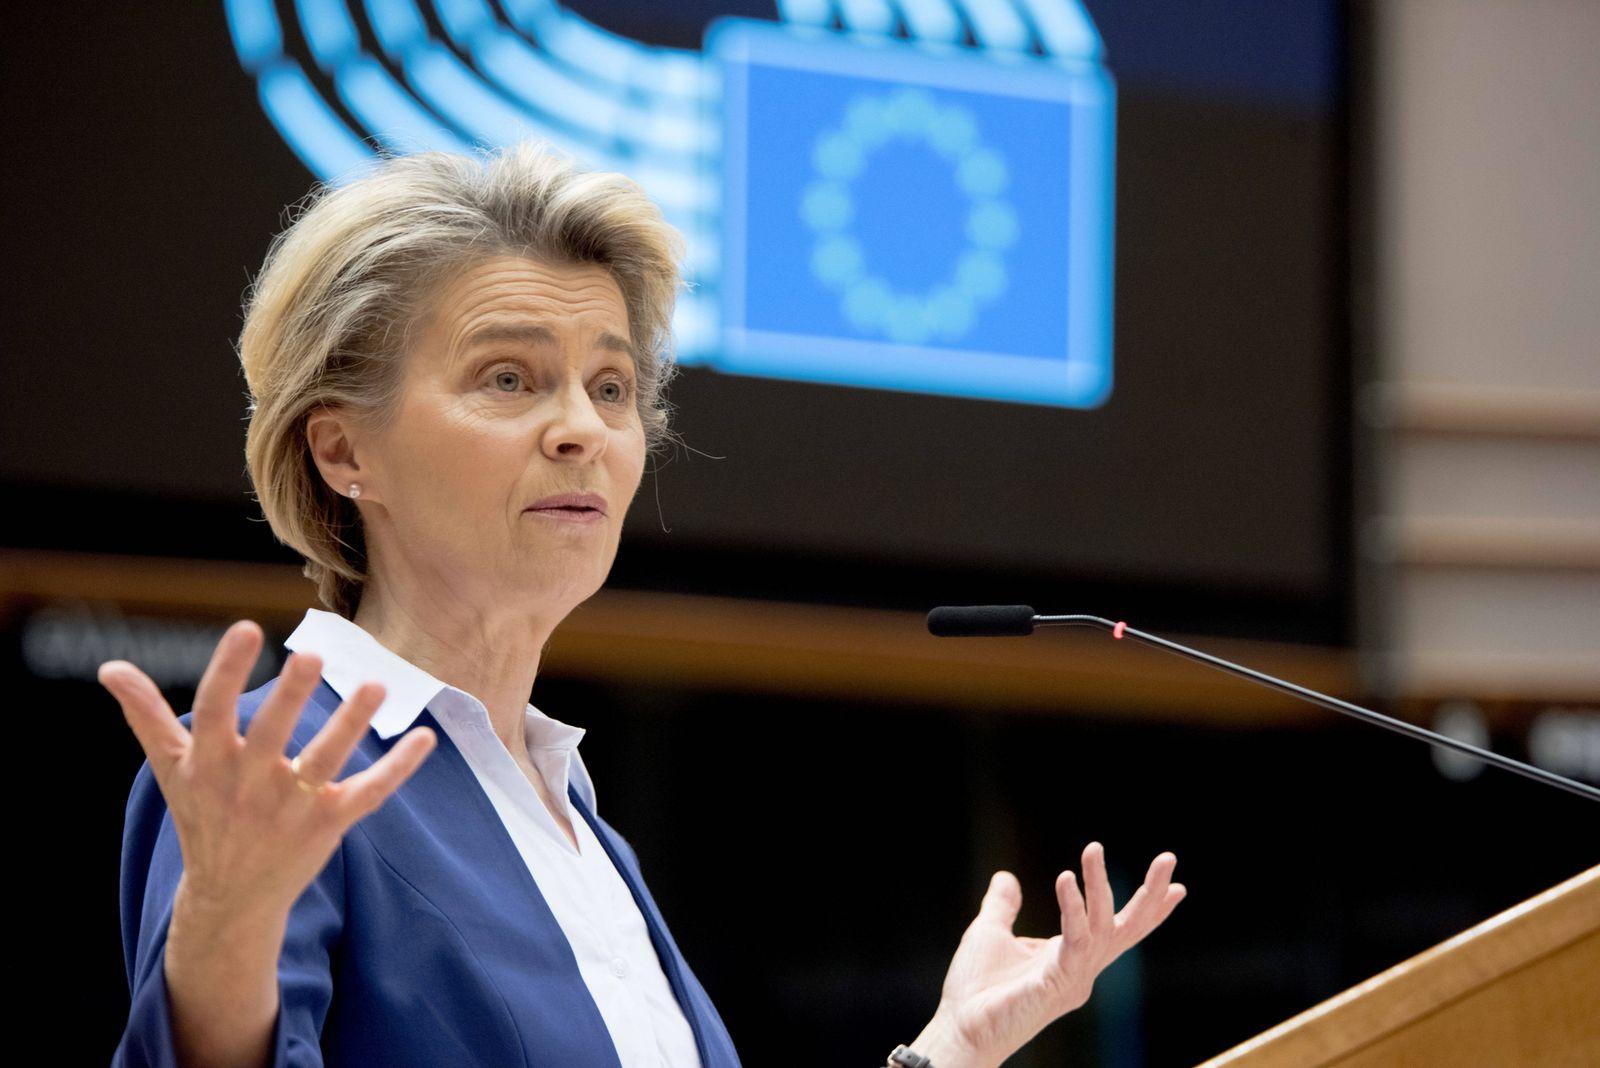 News Themen der Woche KW03 (210120) -- BRUSSELS, Jan. 20, 2021 -- European Commission President Ursula von der Leyen del